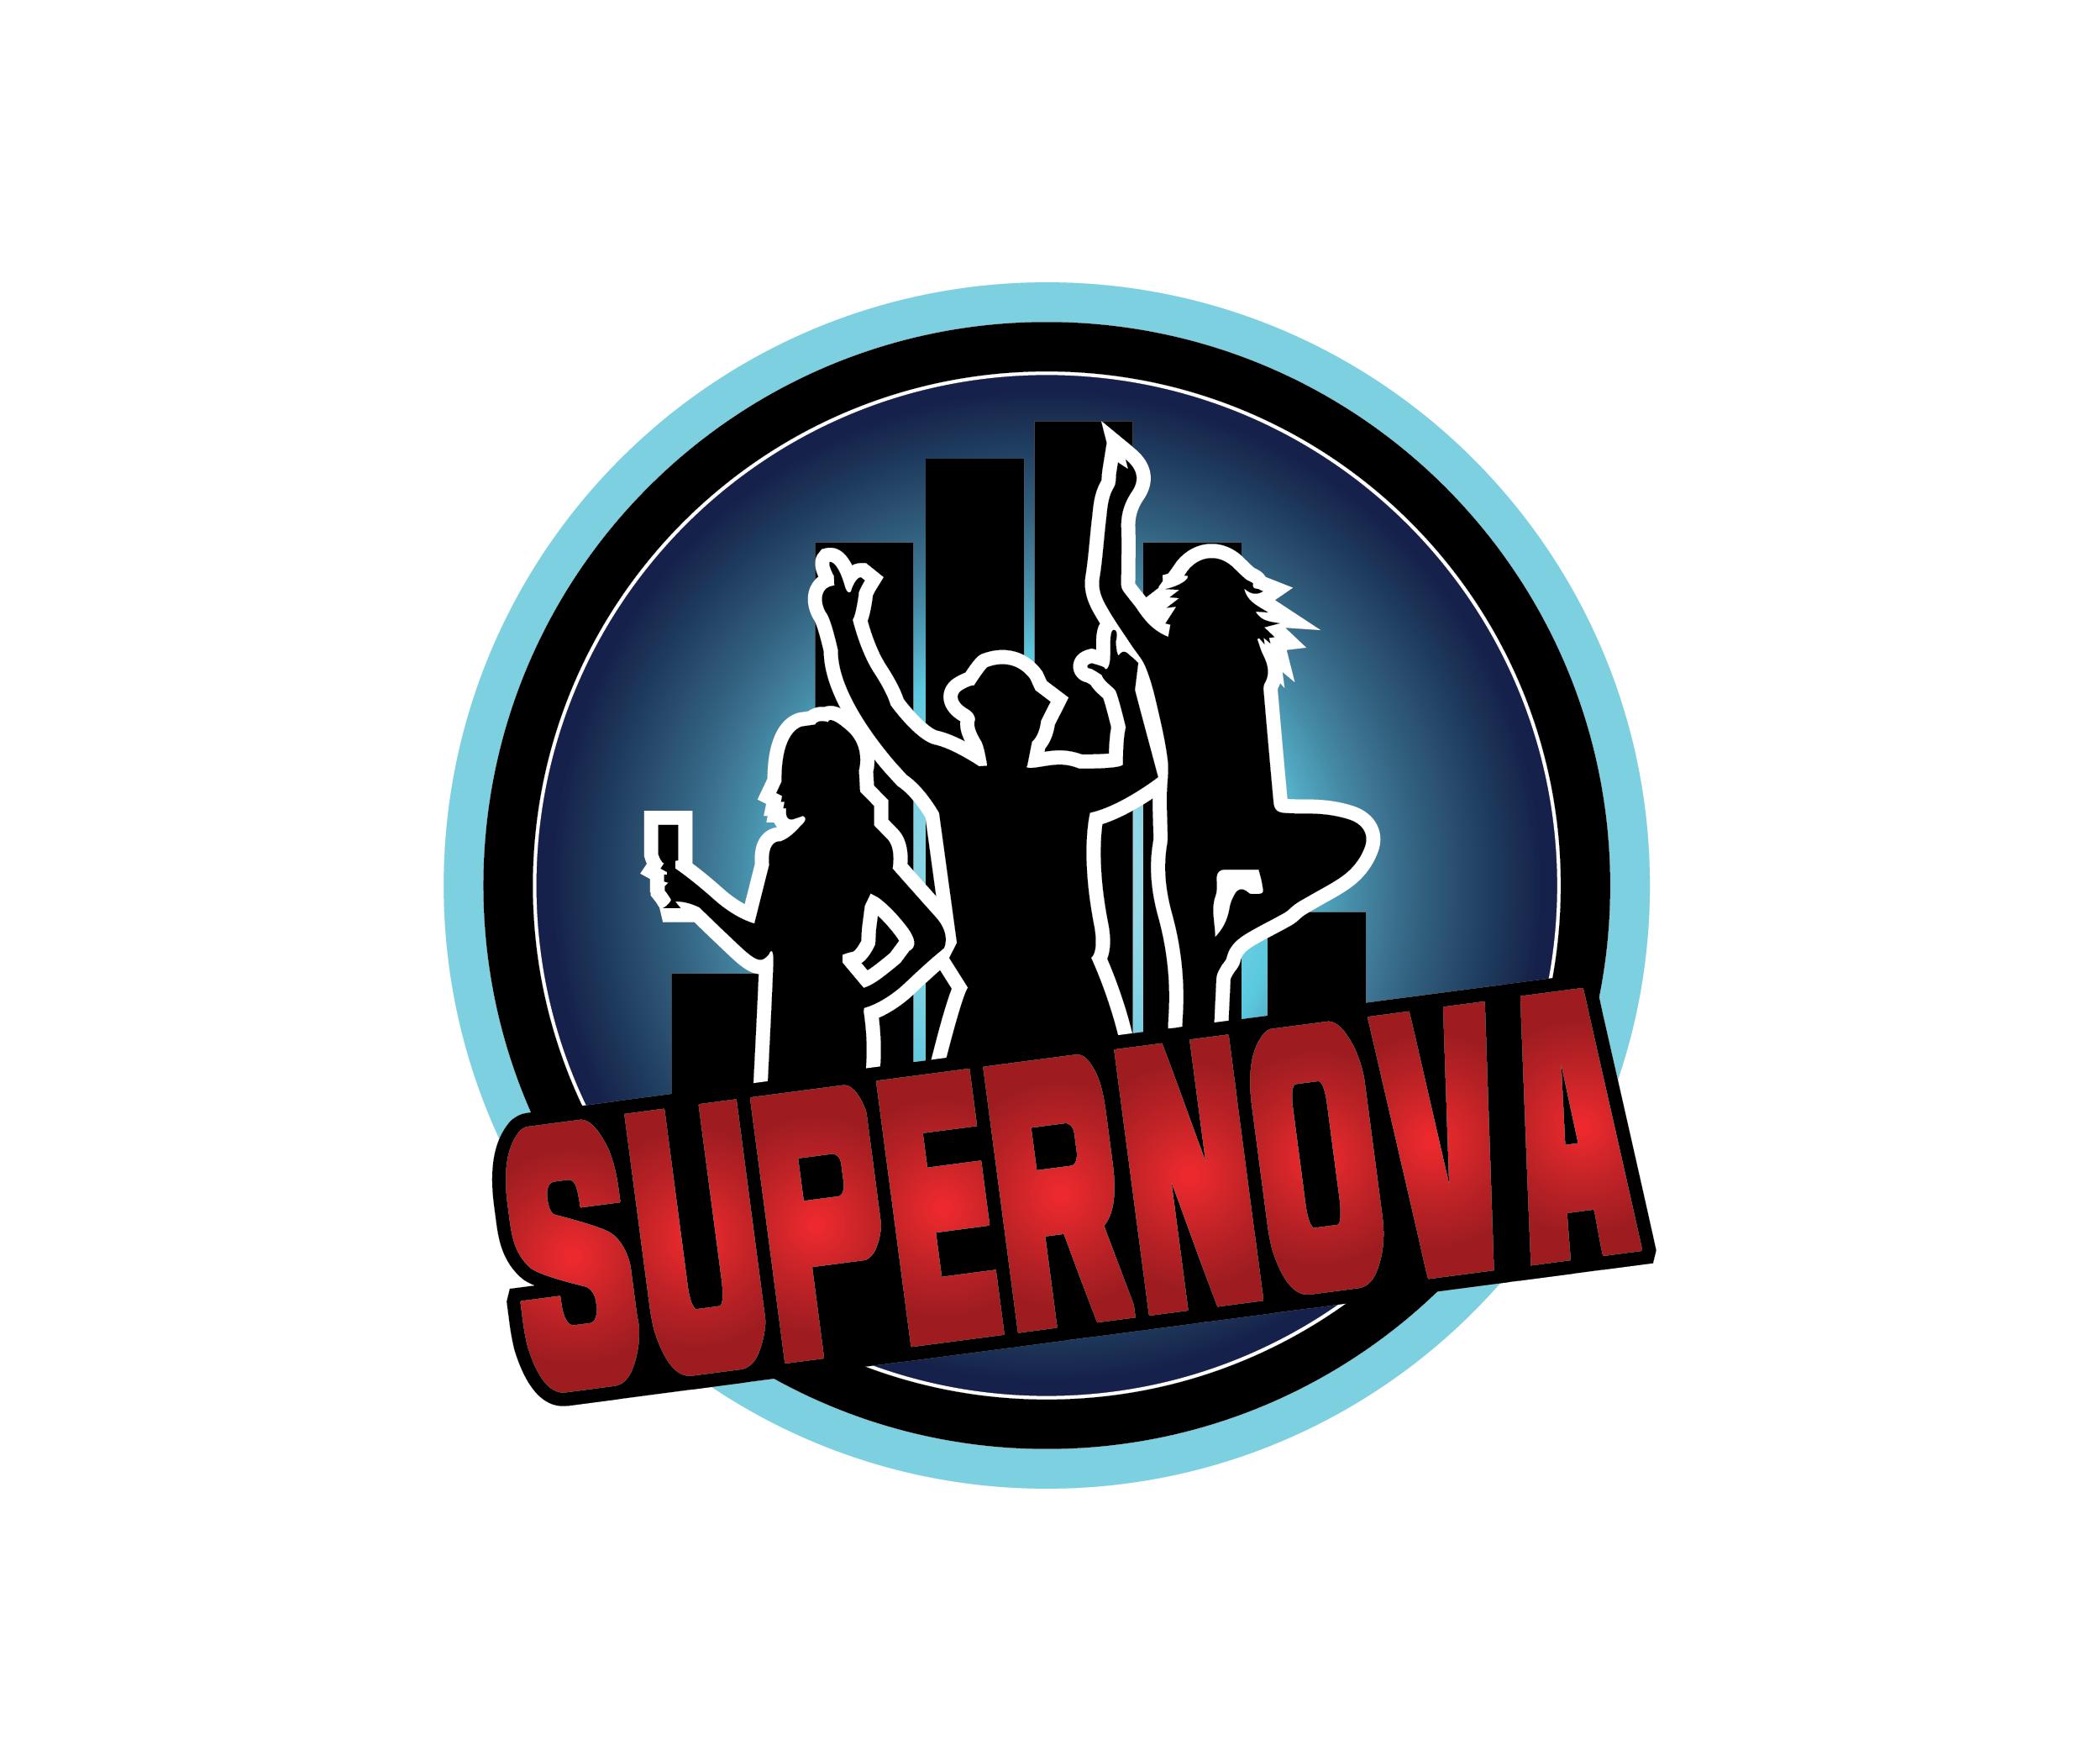 Logo Design by pojas12 - Entry No. 48 in the Logo Design Contest Creative Logo Design for Supernova.